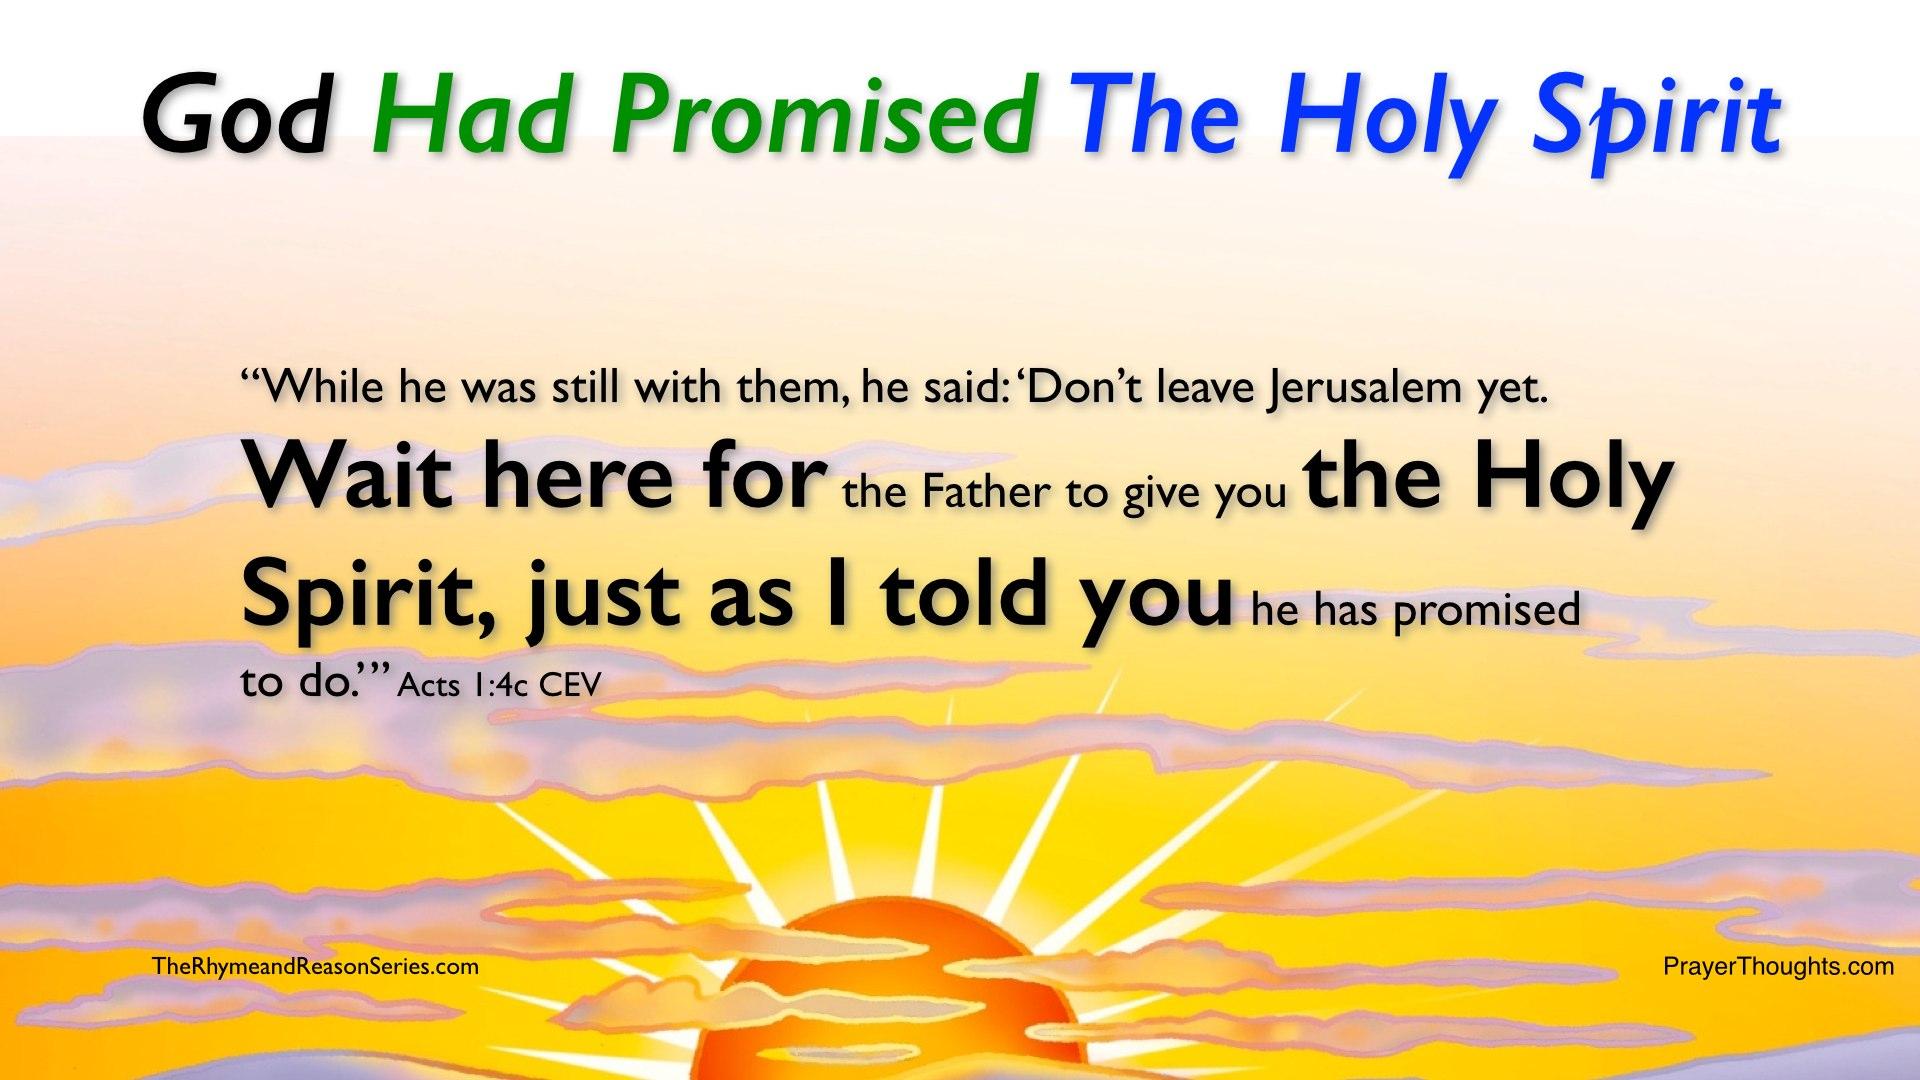 Acts.1.4c-GodHadPromisedTheHolySpirit